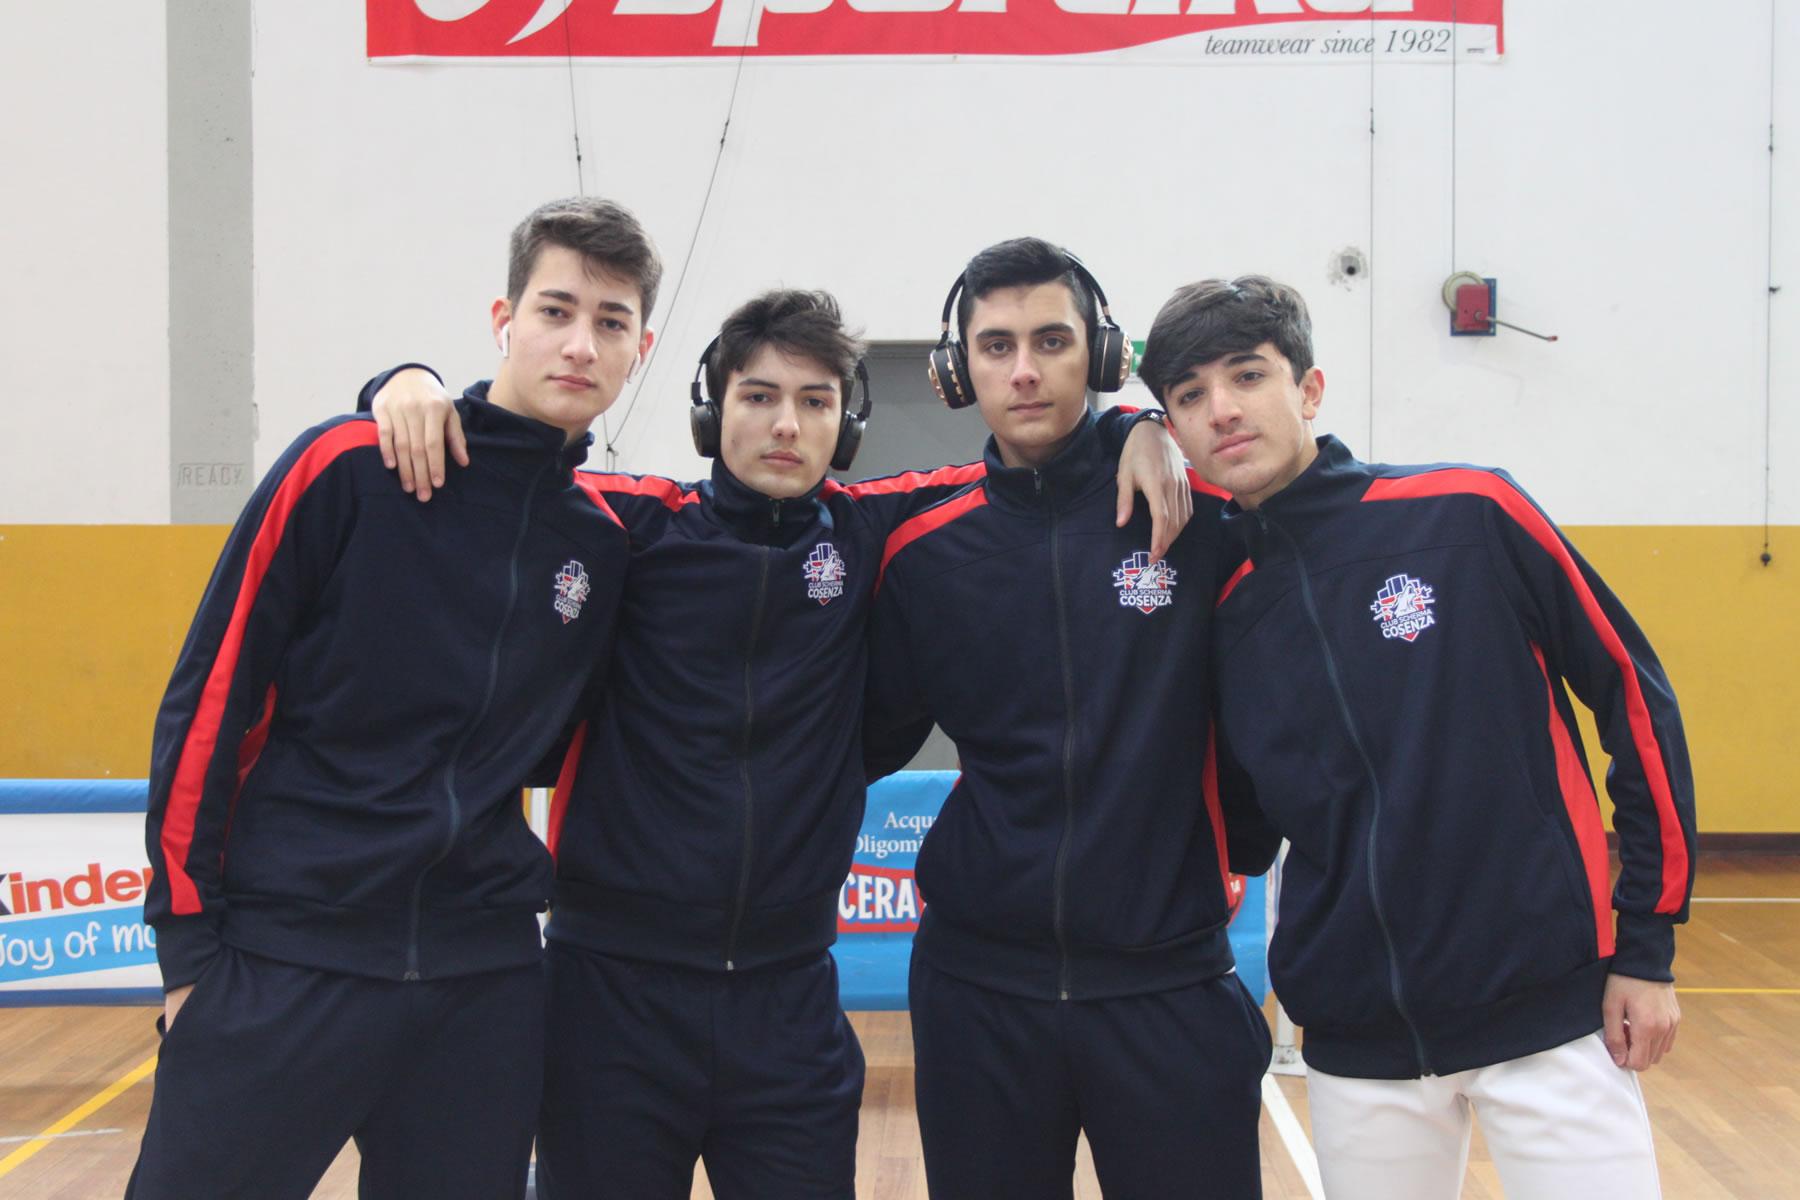 Campionato Serie C2 spada a squadre 2020: squadra maschile